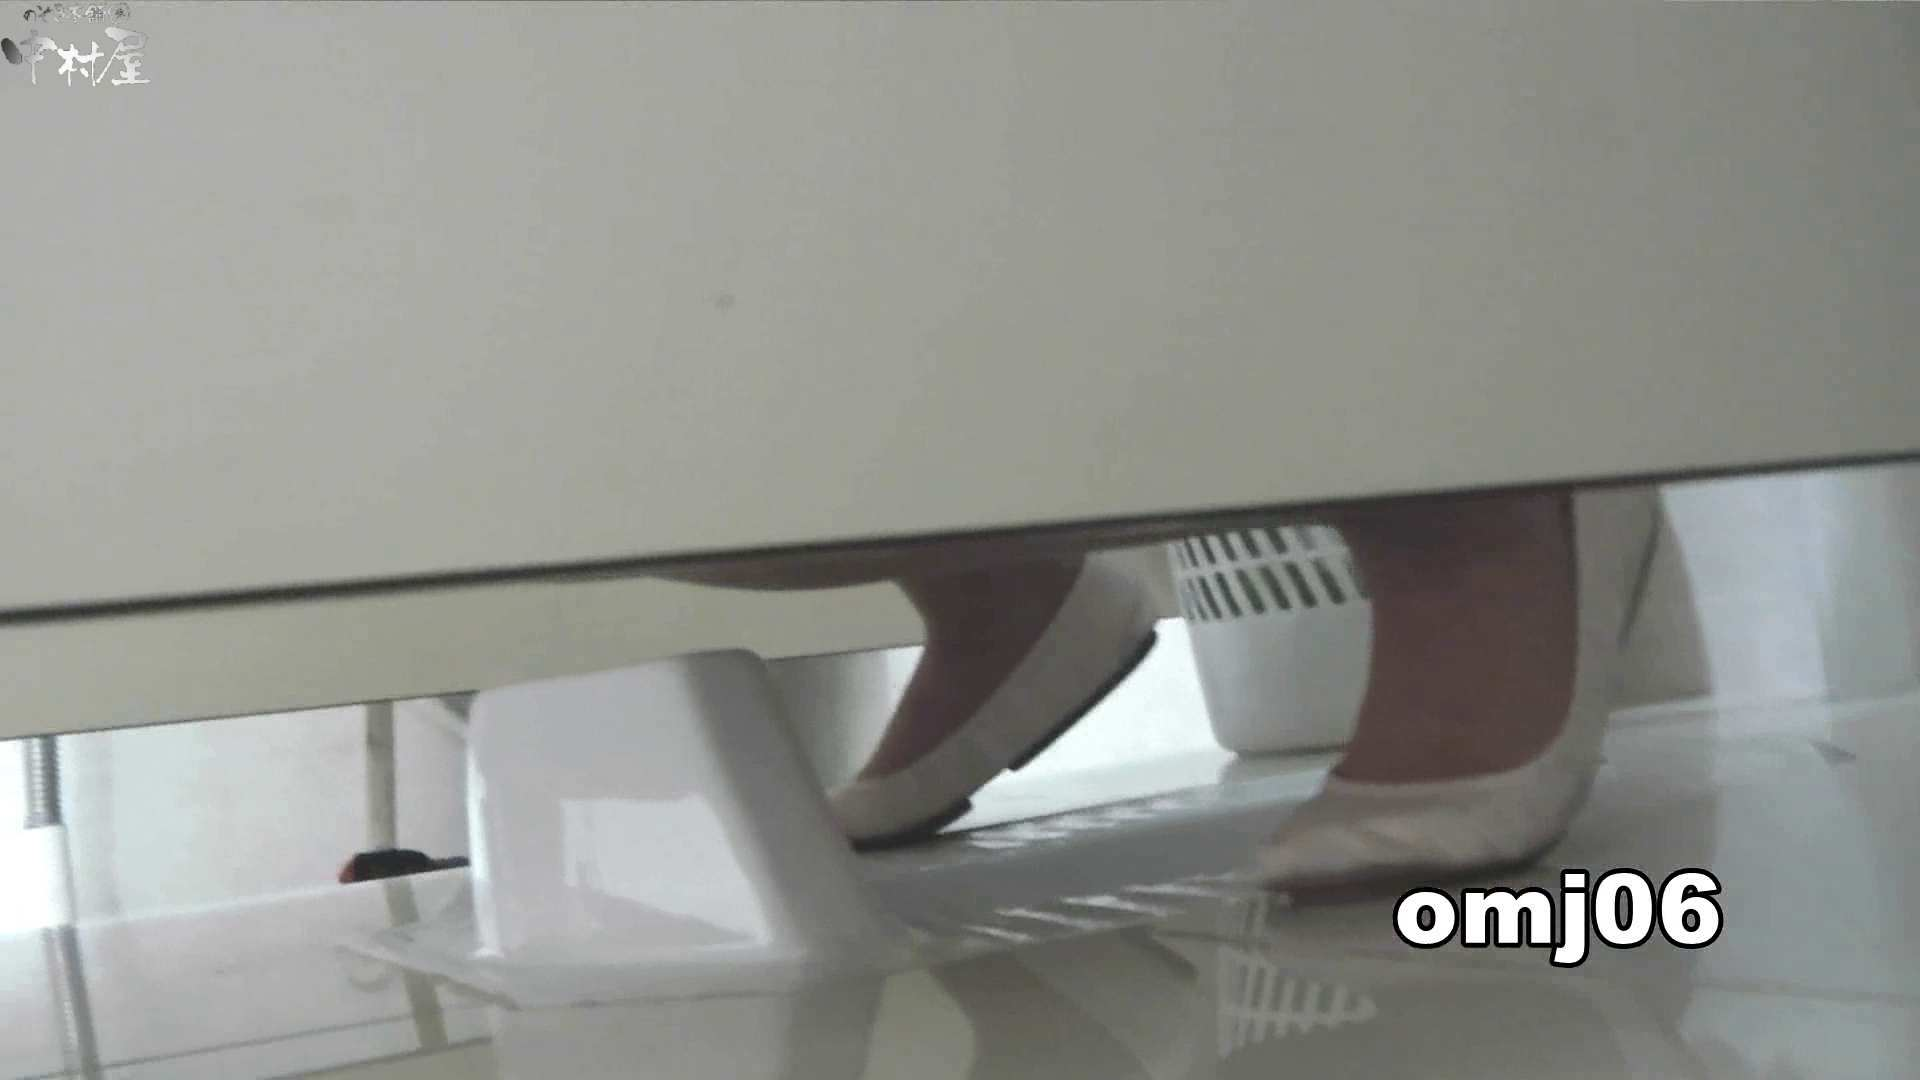 お市さんの「お尻丸出しジャンボリー」No.06 女子トイレ潜入 すけべAV動画紹介 85pic 7